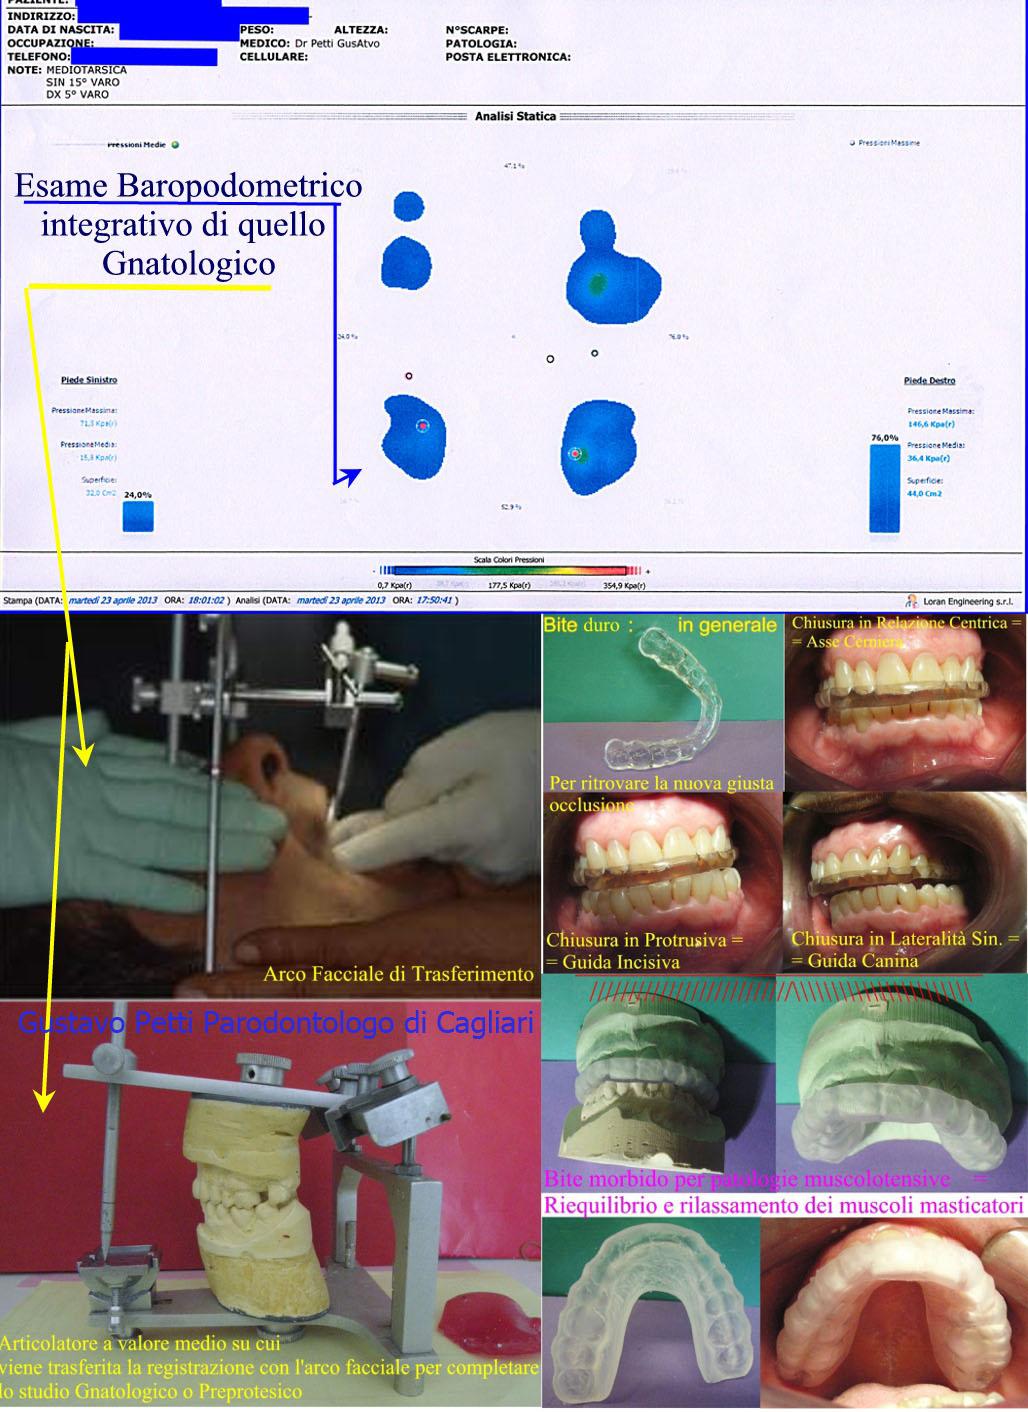 gnatologia-dr-g.petti-cagliari-13.jpg